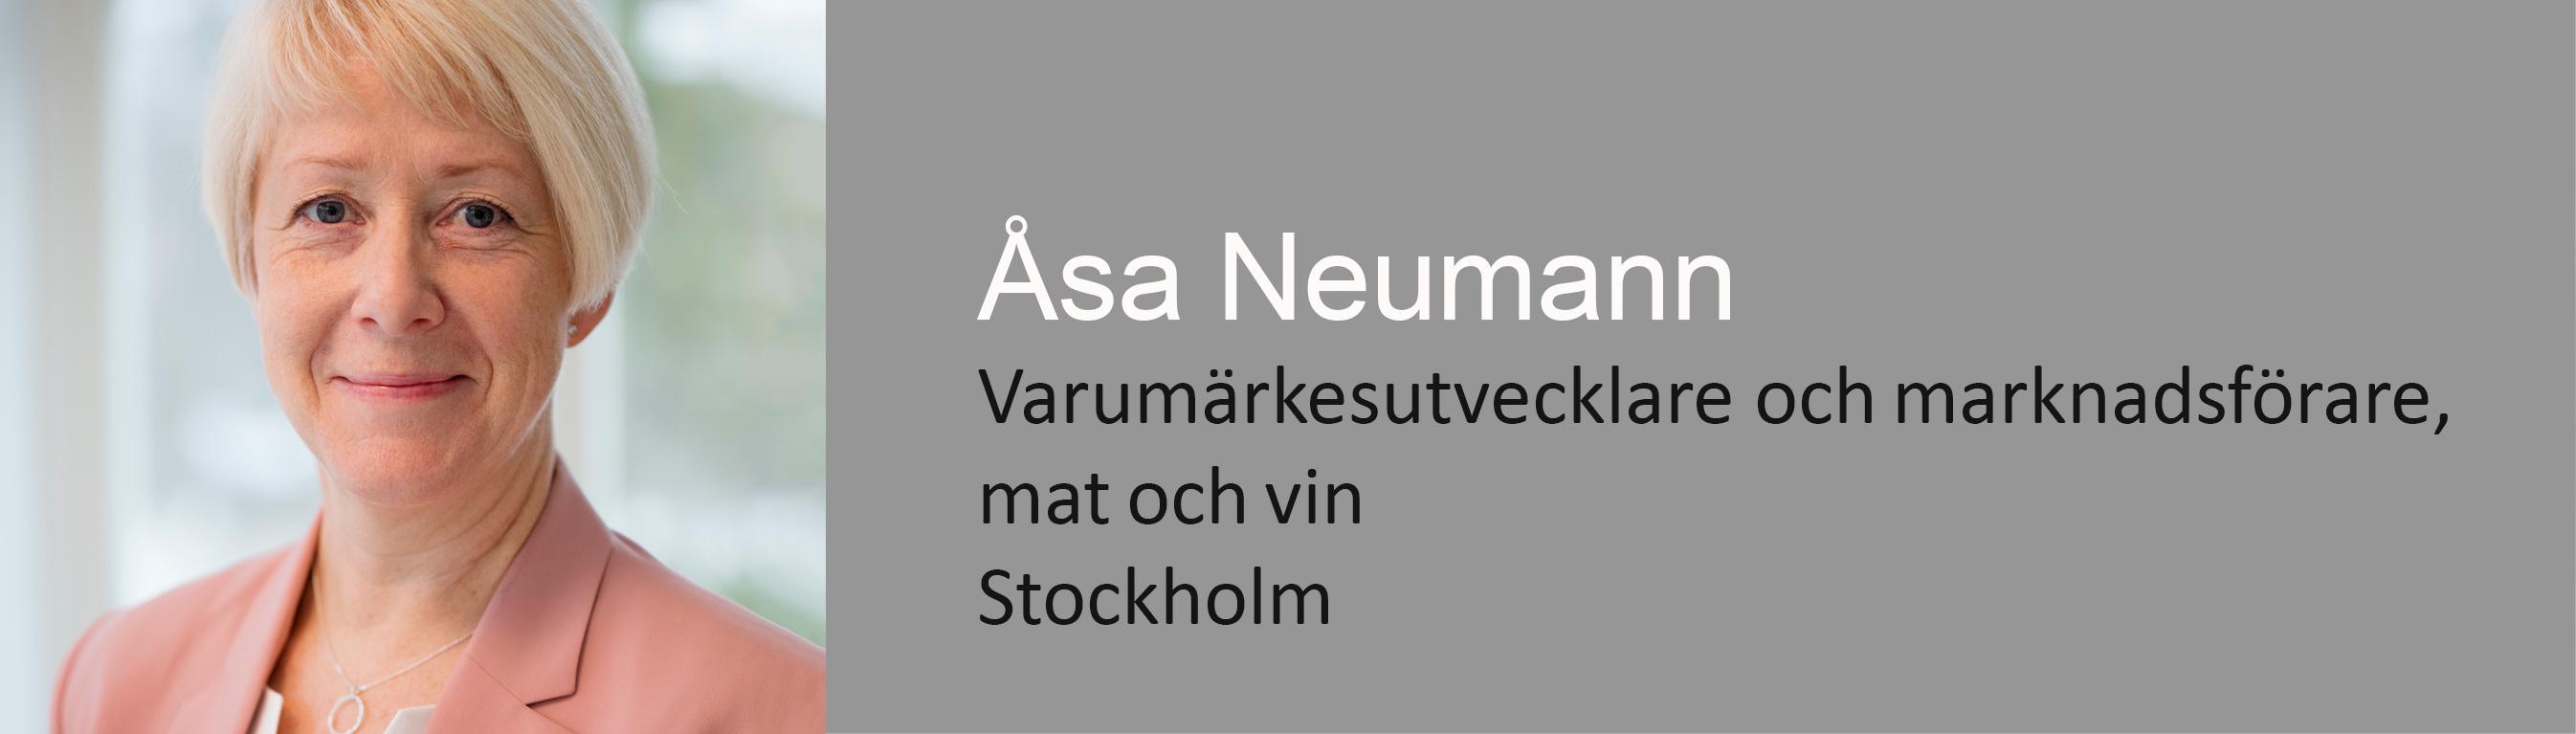 Varumärkesutvecklare och marknadsförare vin och mat, Åsa Neumann